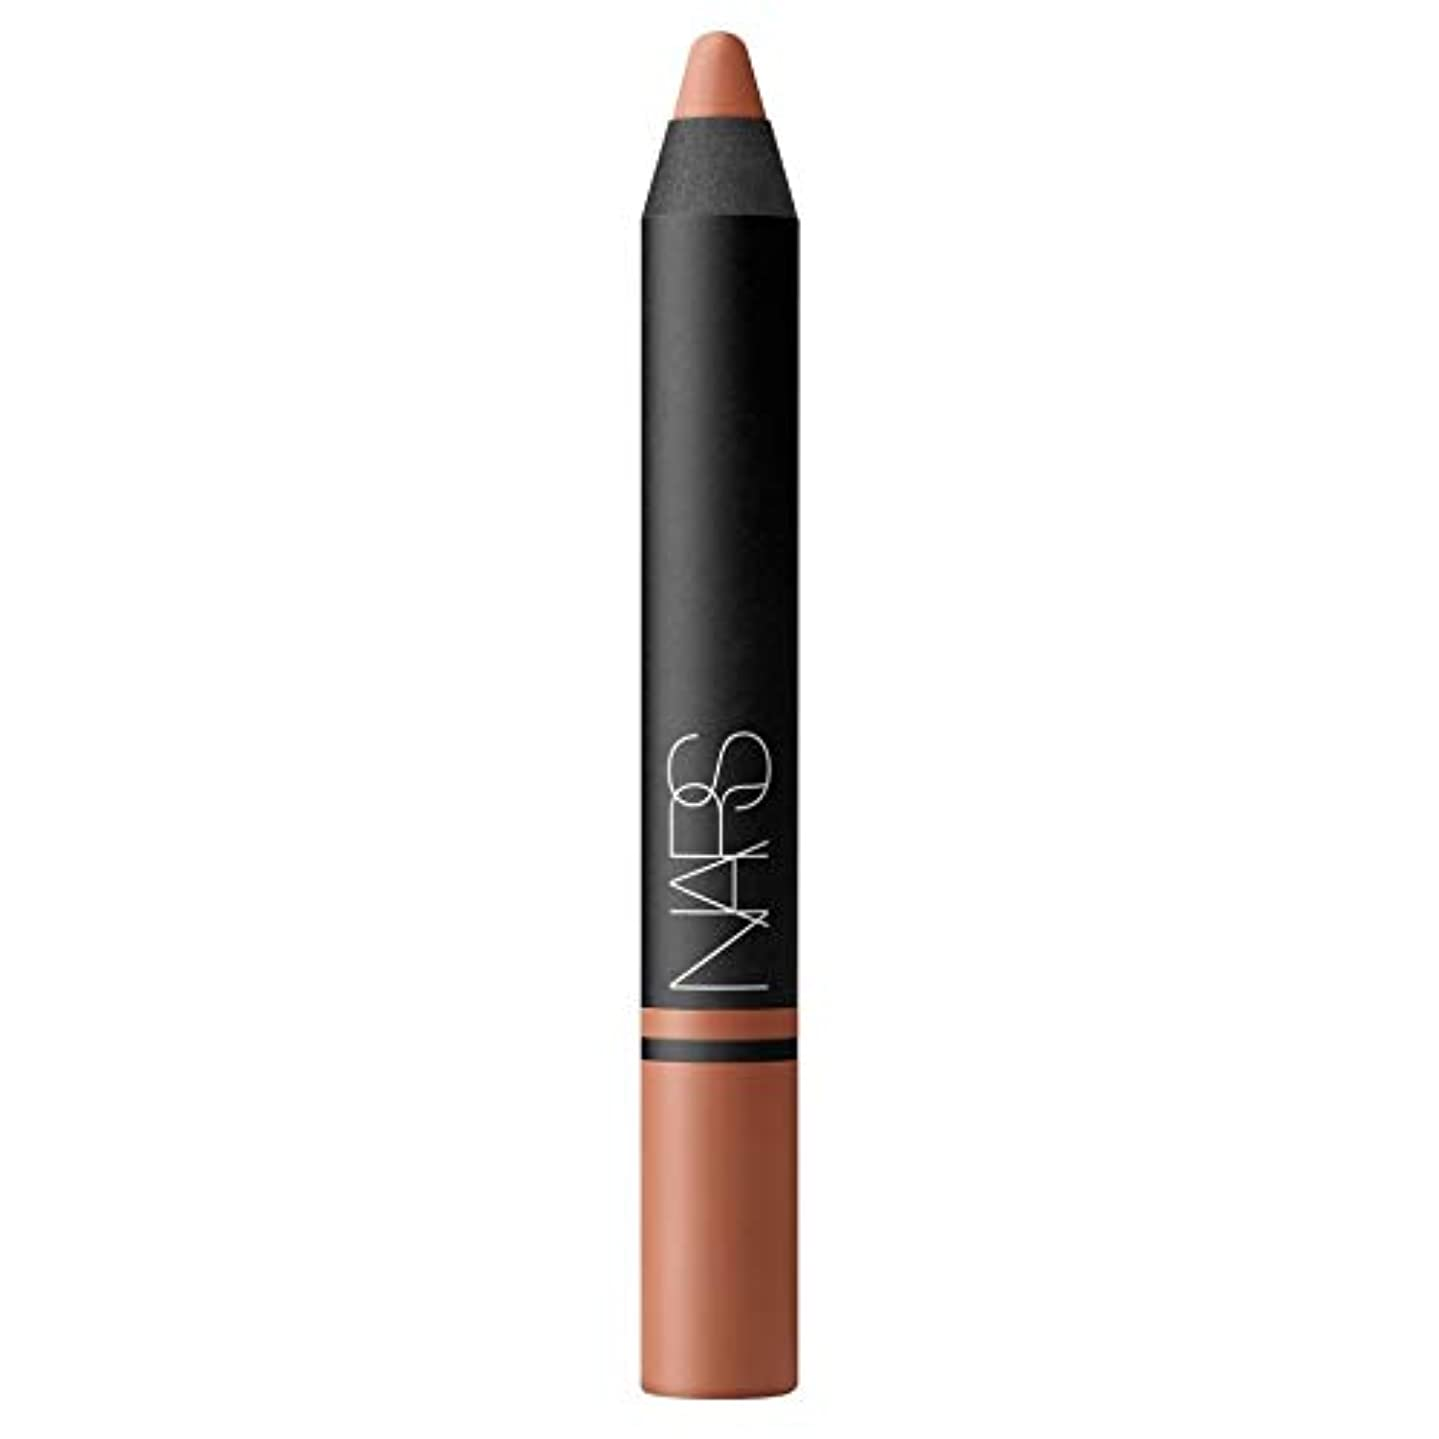 戦う人工的な解決[NARS] ベッラ島でのNarサテンリップペンシル - Nars Satin Lip Pencil in Isola Bella [並行輸入品]